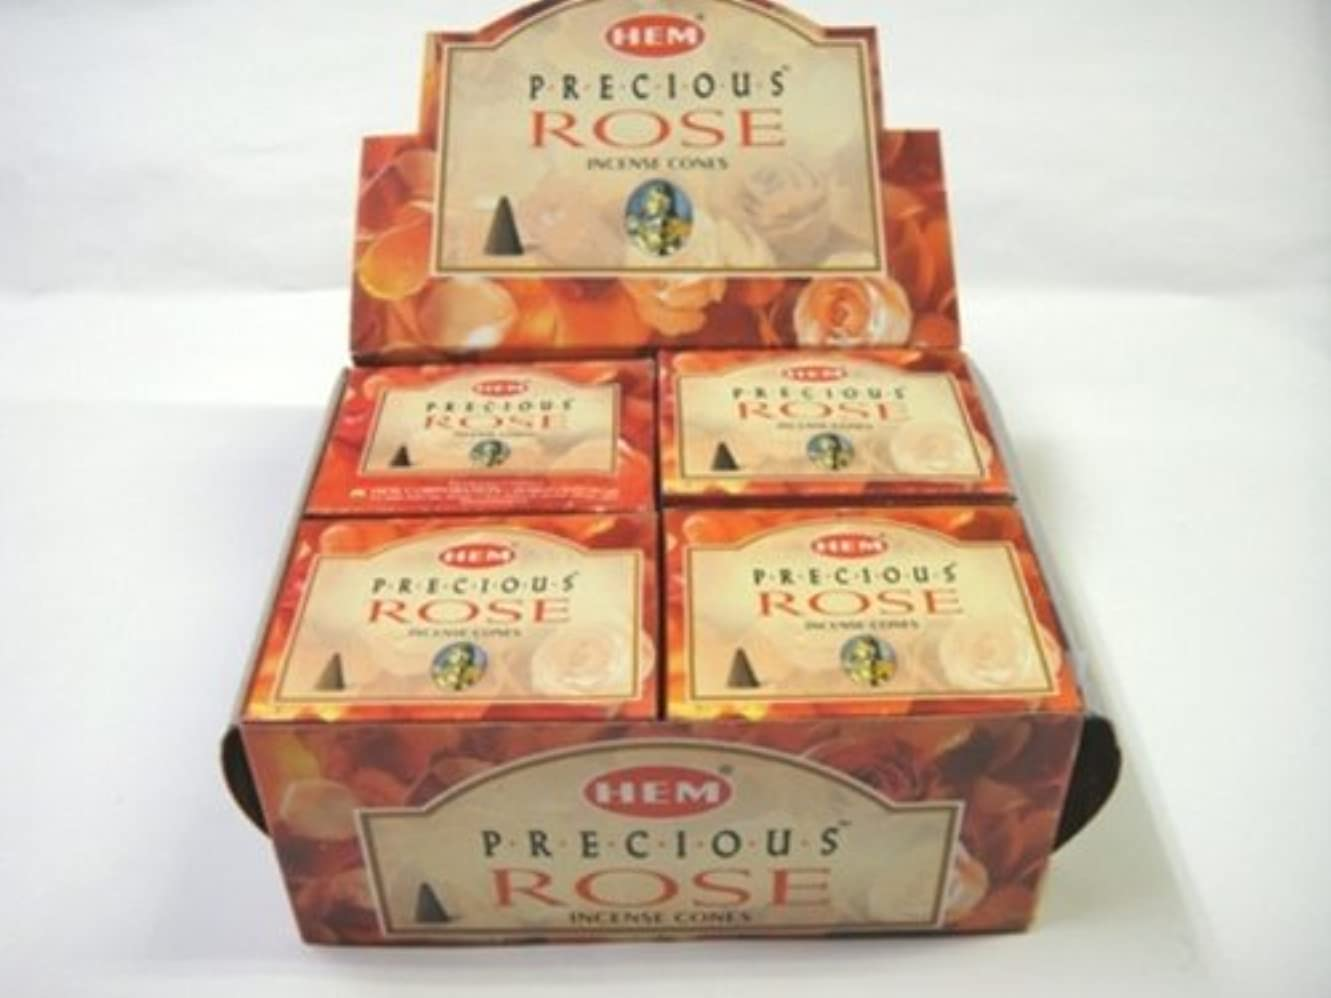 ナビゲーション記念碑的なレーニン主義HEM お香 プレシャスローズ コーンタイプ 1ケース(12箱入り) お香薔薇